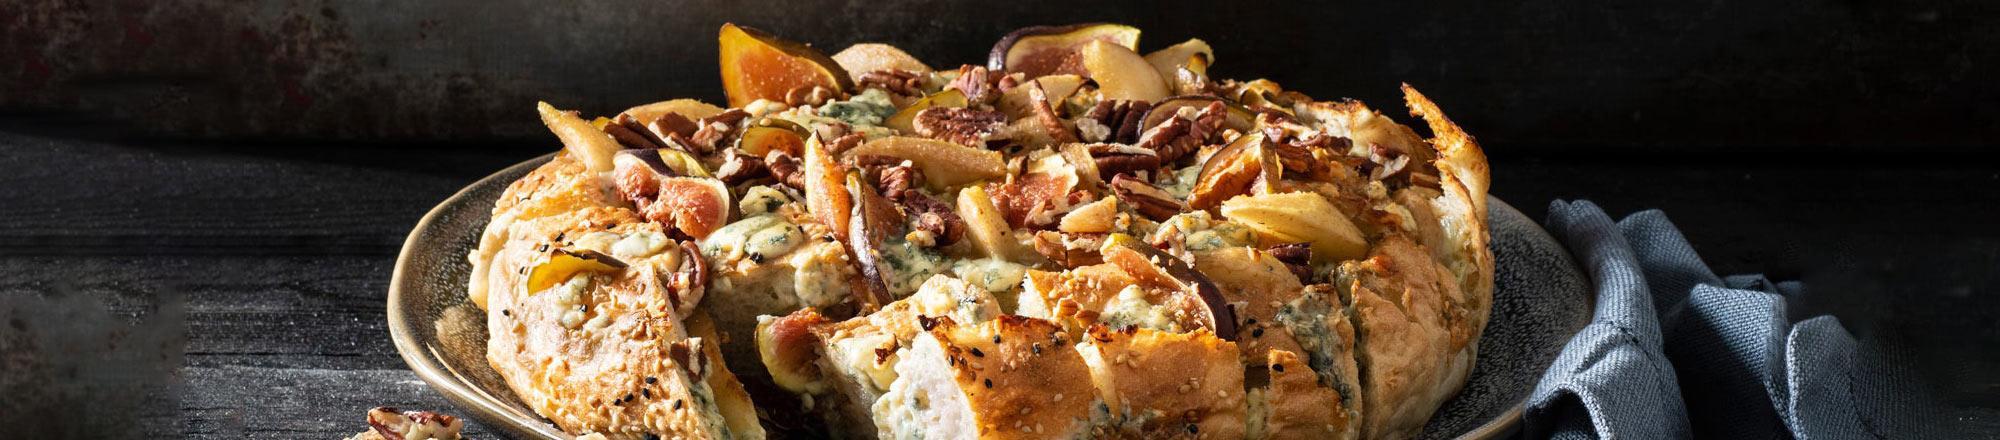 Recept: gevuld Turks brood